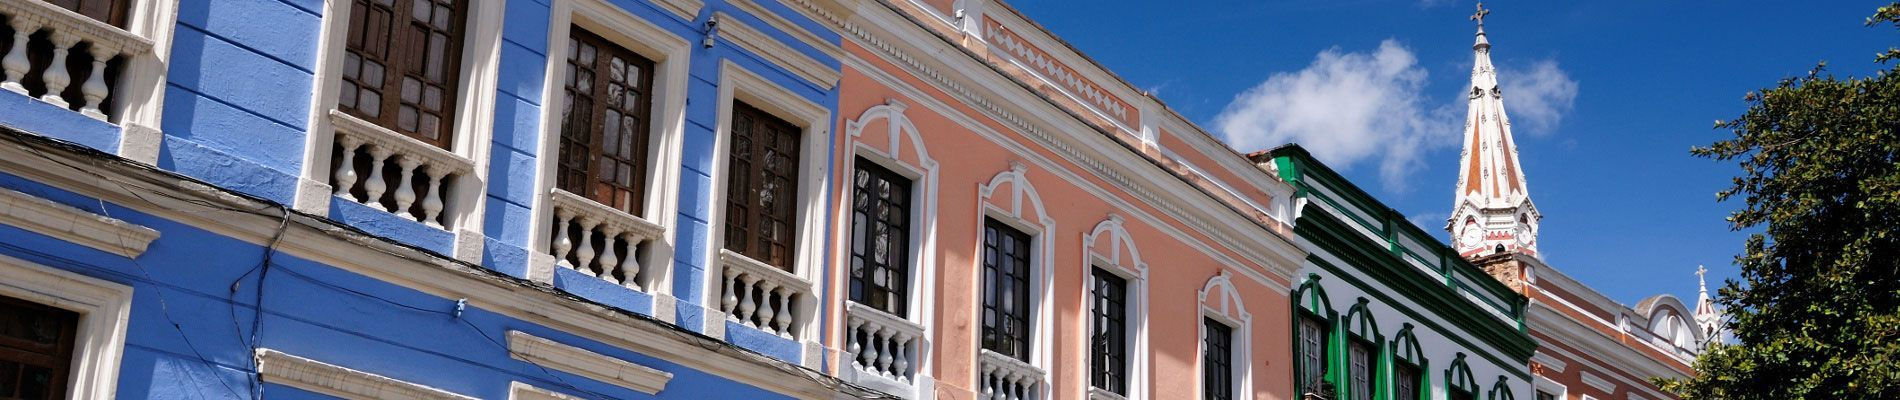 colombie-bogota-maisons-colorees